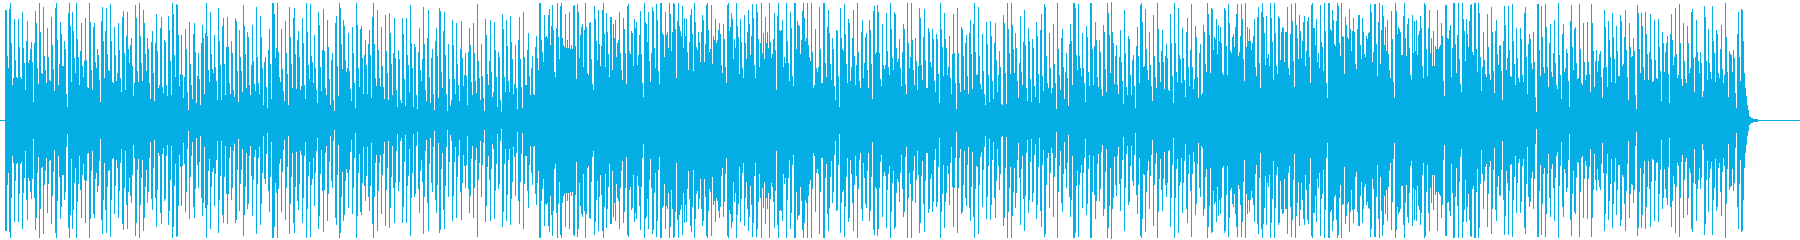 クールな夜にジャズブルース調ポップスの再生済みの波形